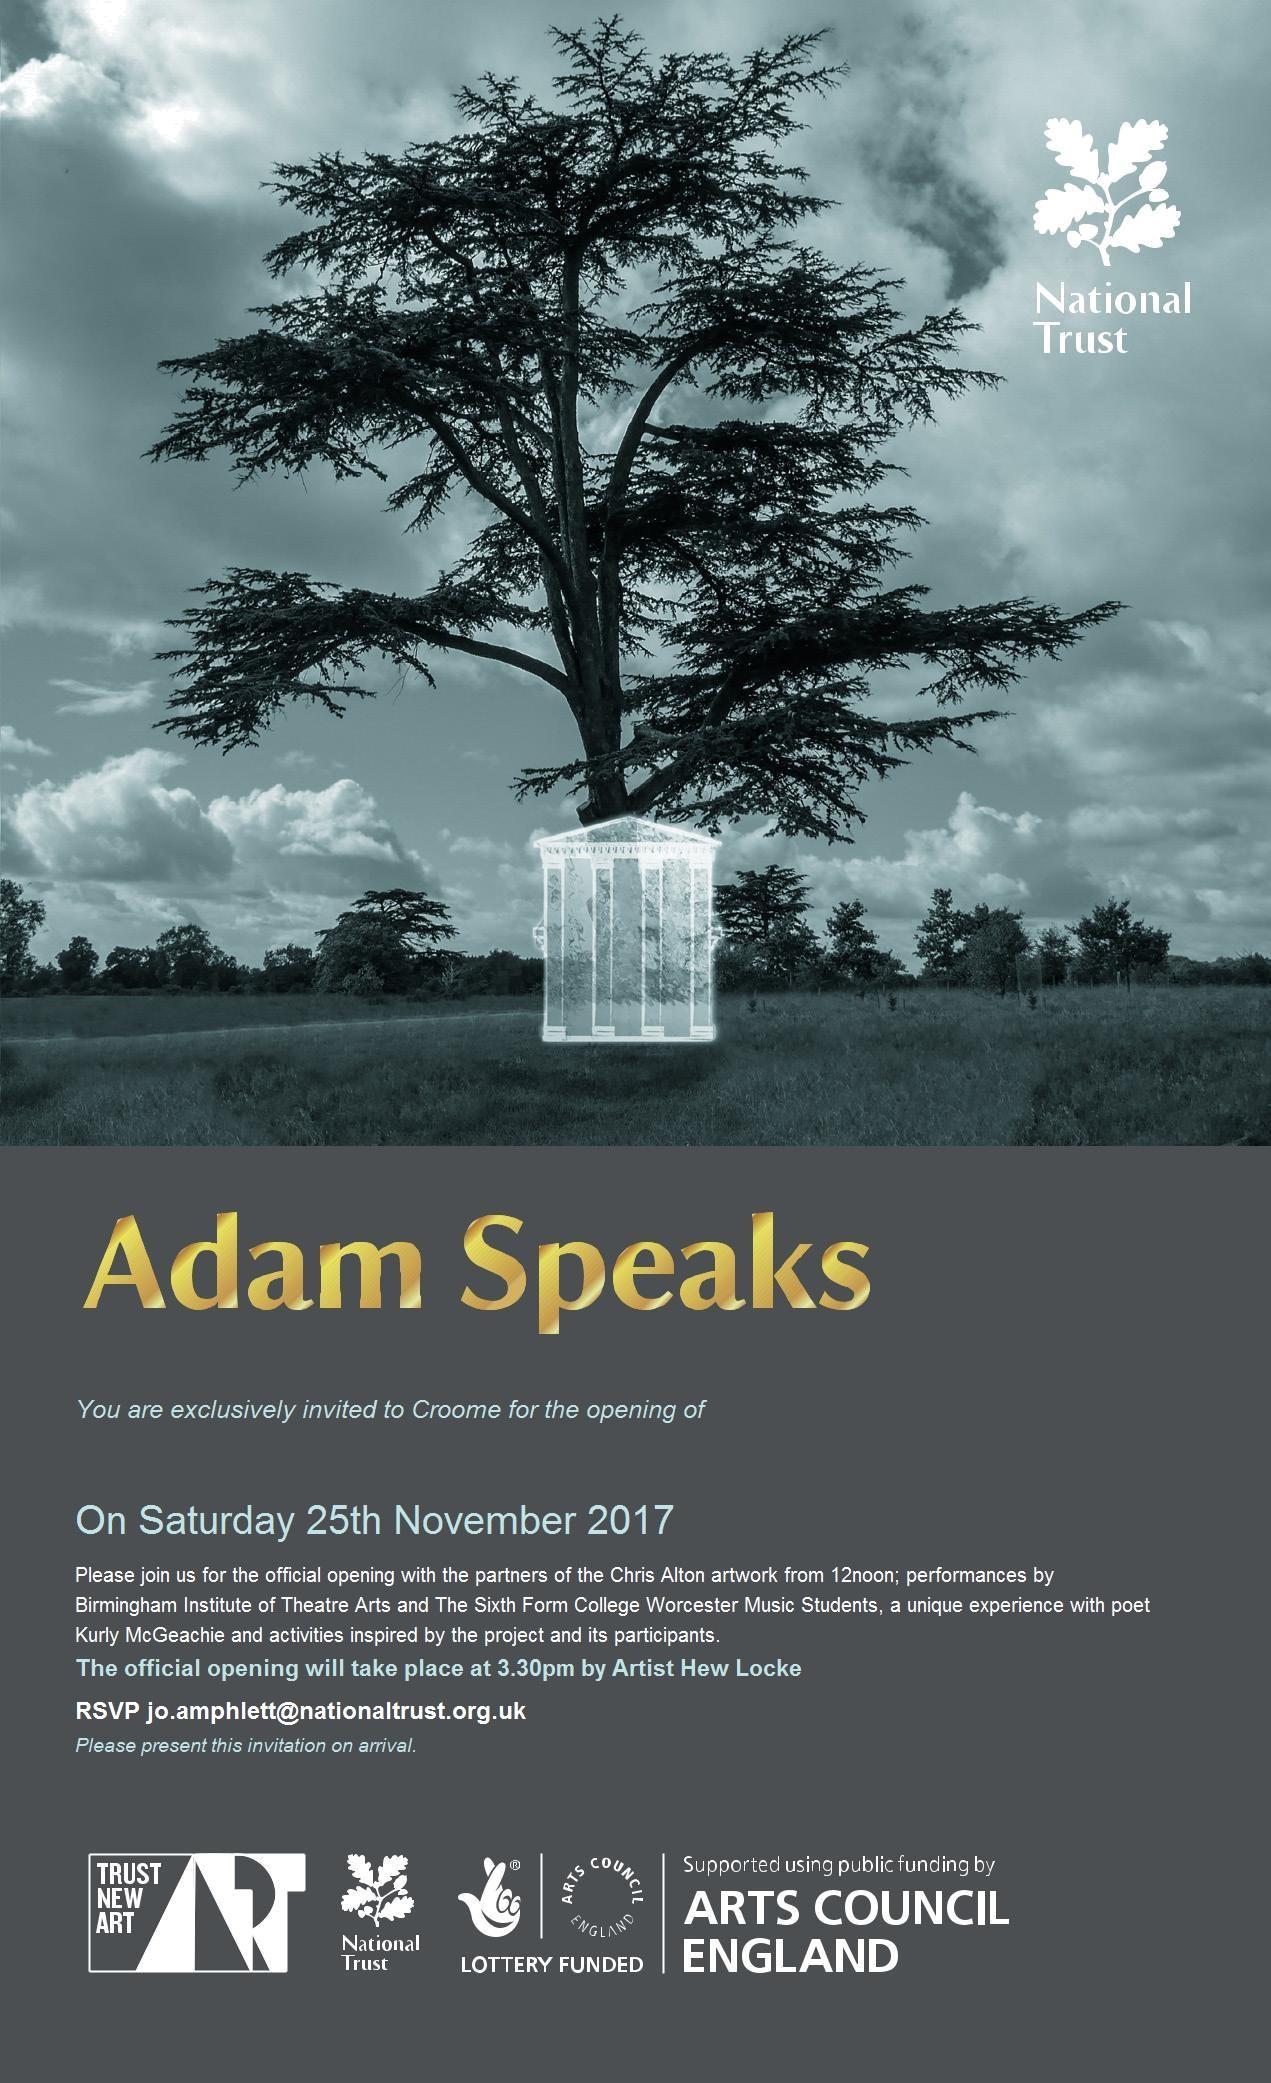 adam speaks launch invite25